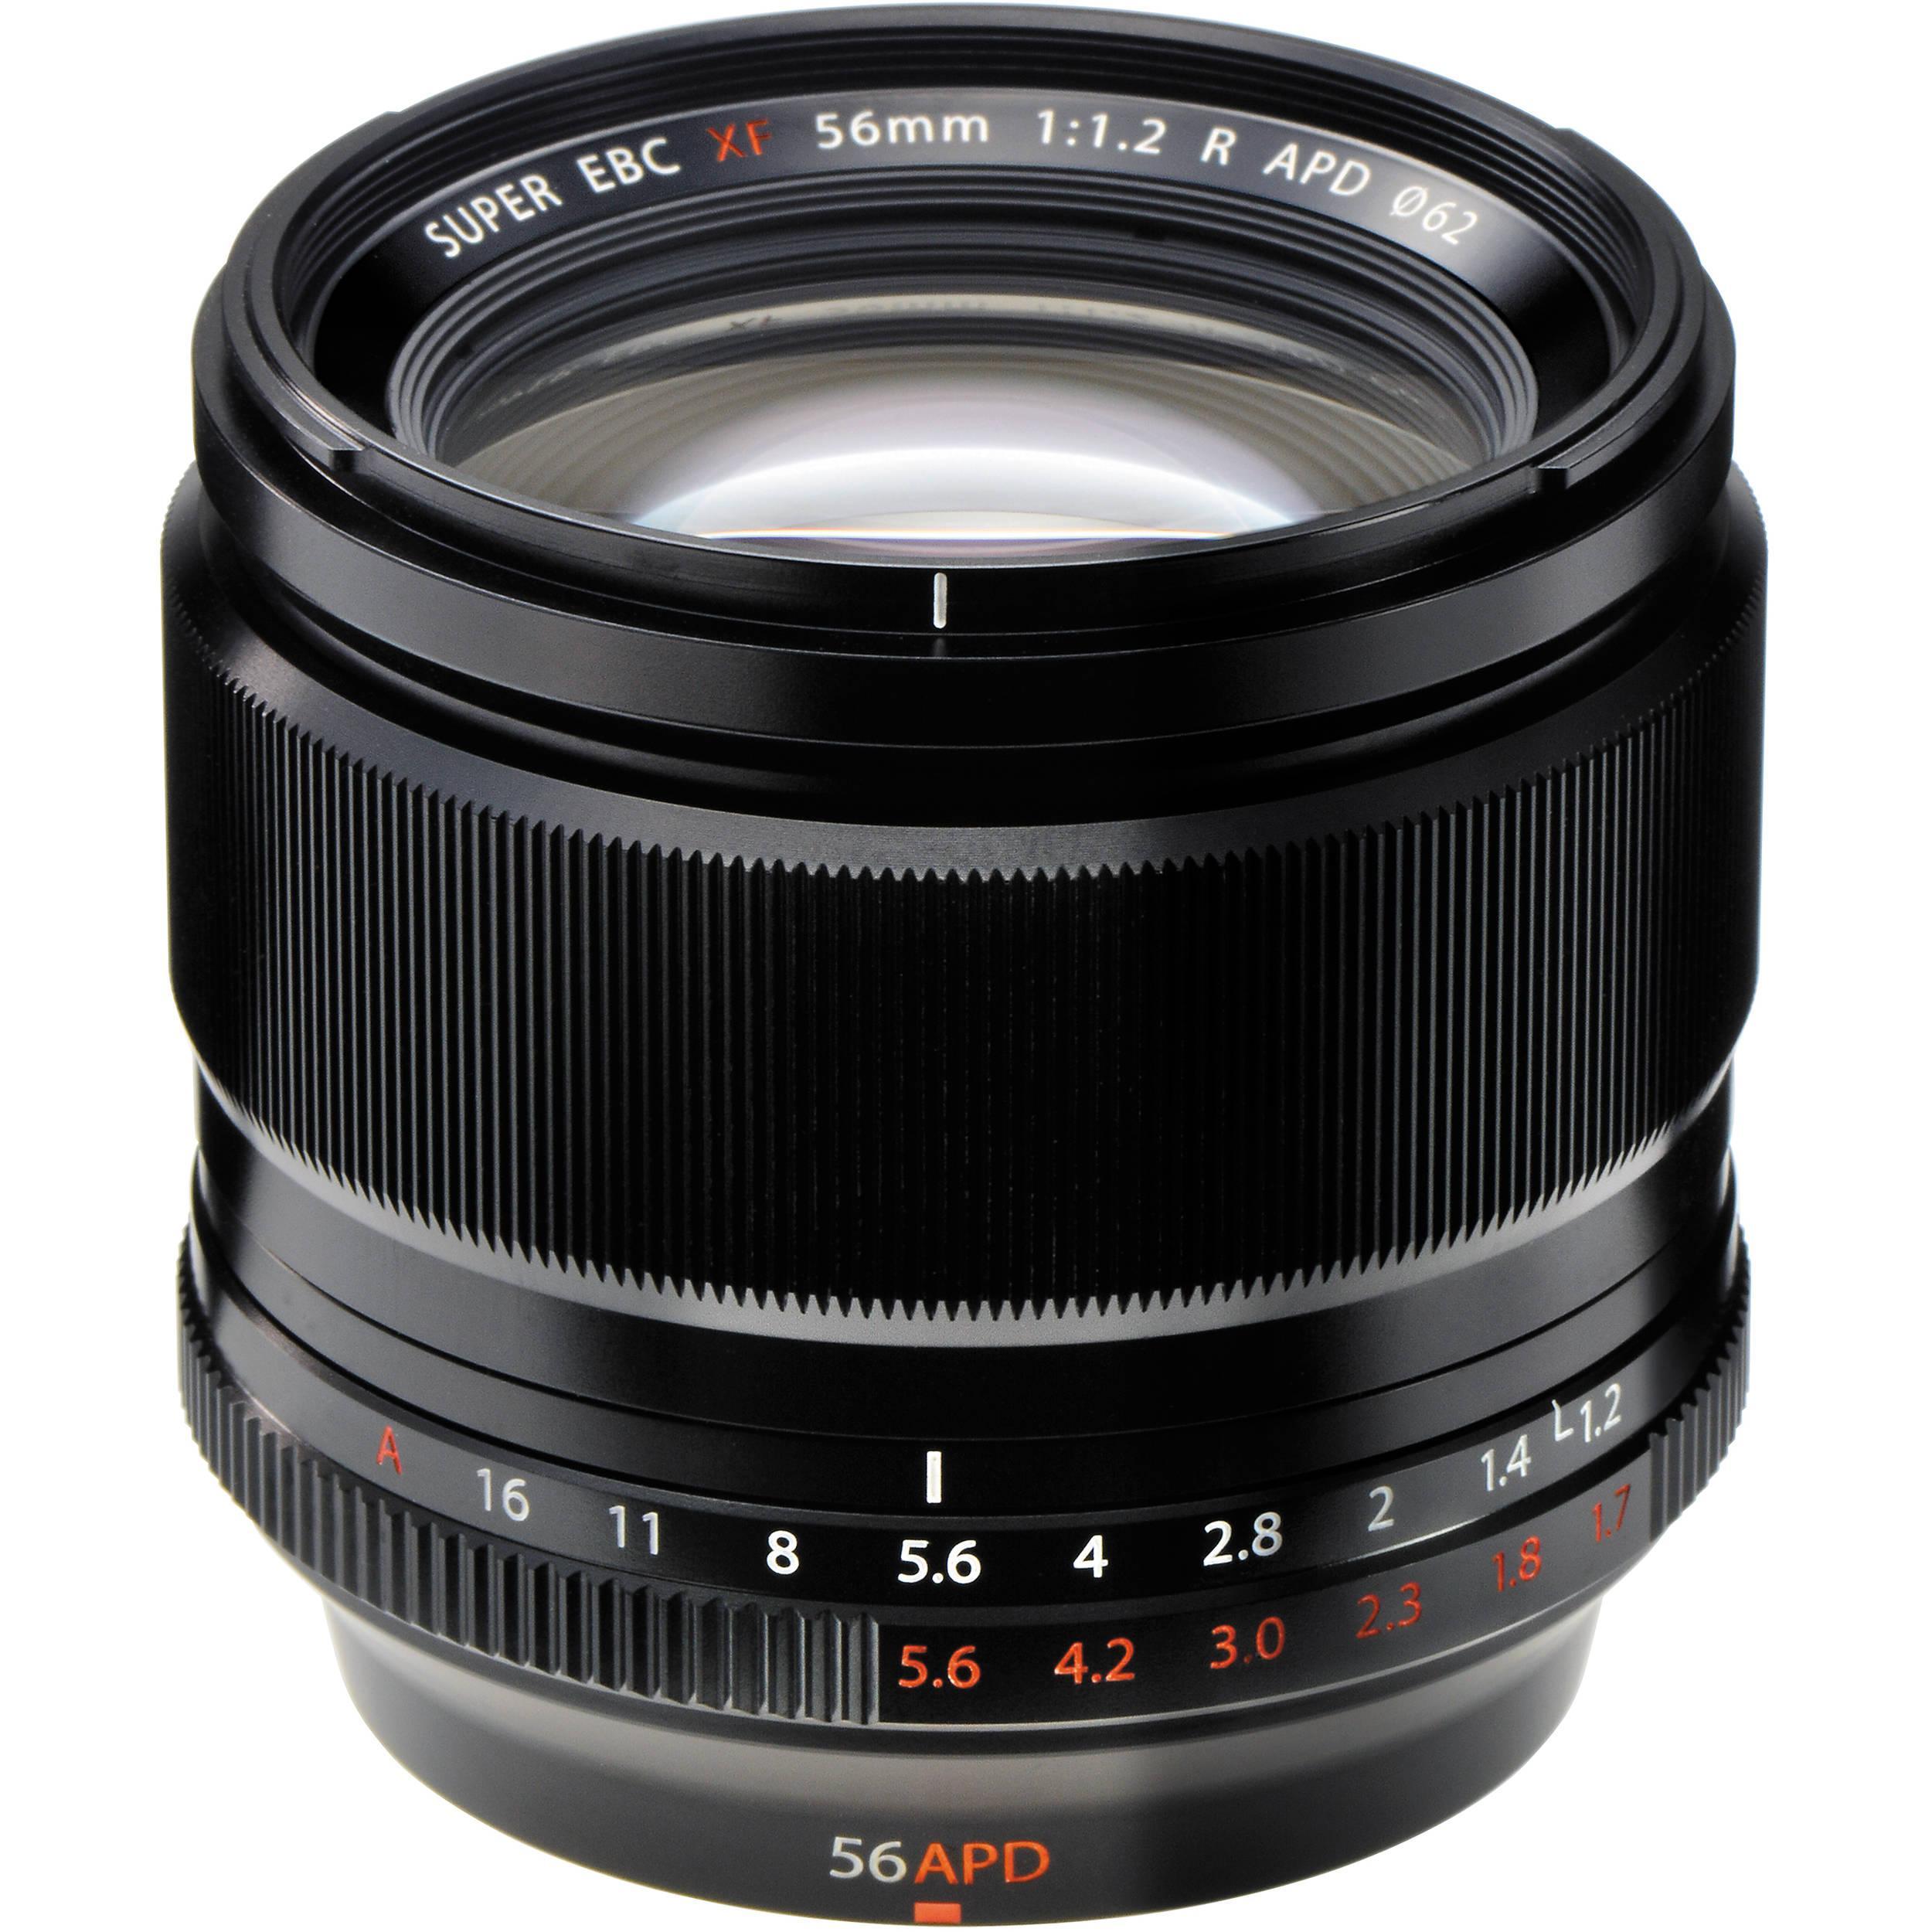 Fujifilm Camera Lense Fujifilm X 56mm f/1.2